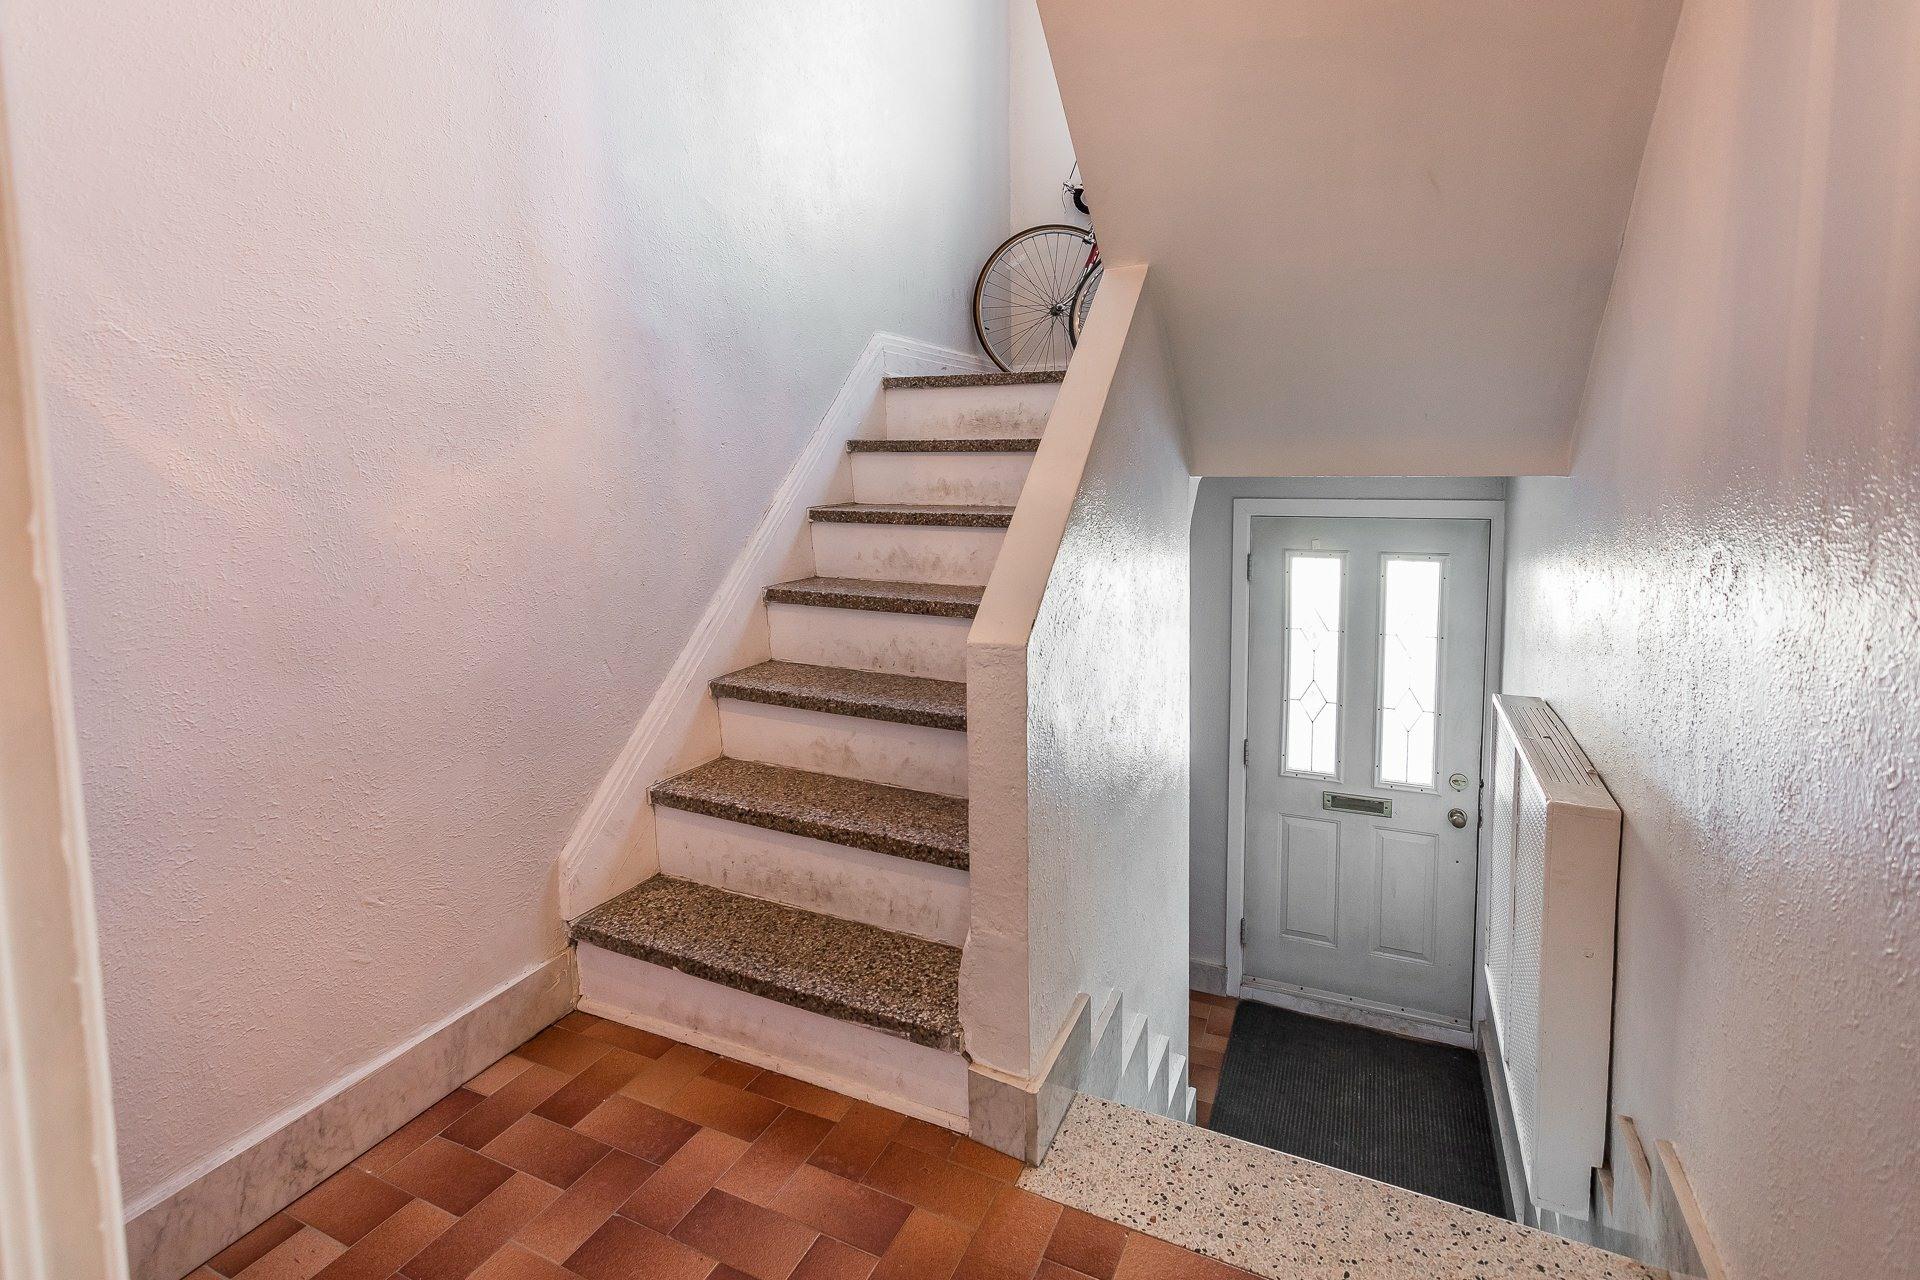 image 16 - Duplex À vendre Côte-des-Neiges/Notre-Dame-de-Grâce Montréal  - 5 pièces